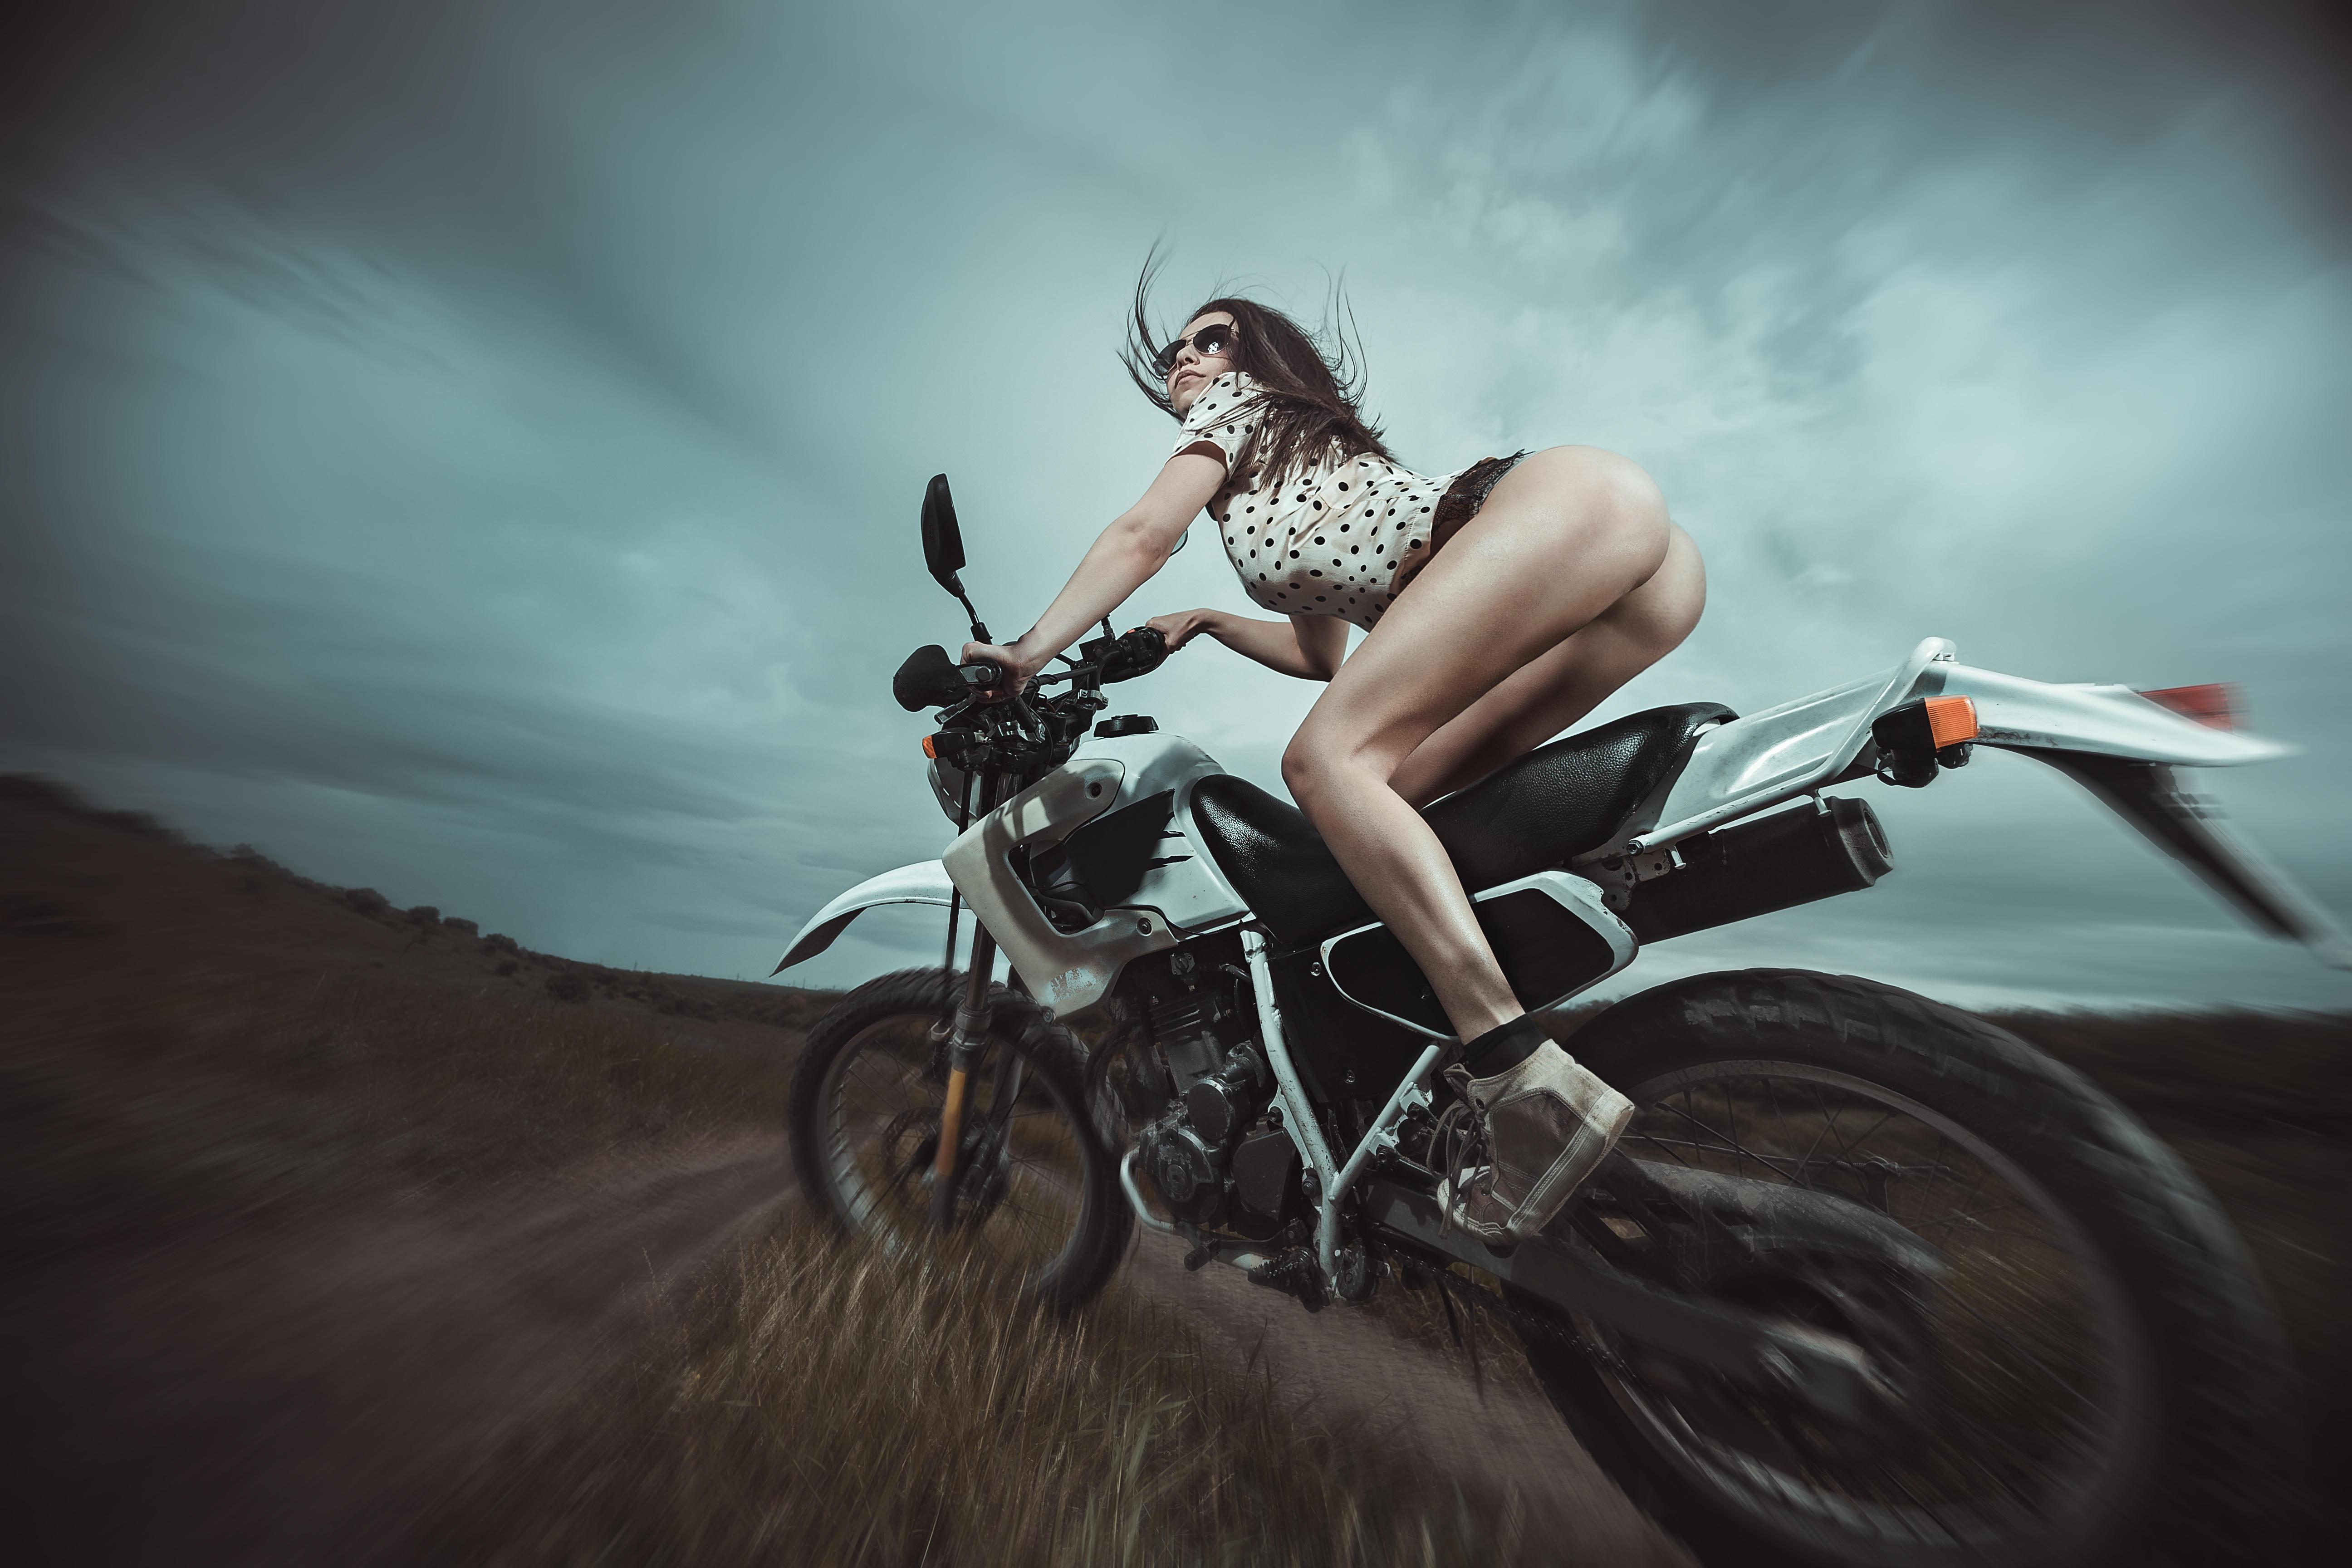 Обои девушка, мотоцикл, скорость, девушка на мотоцикле